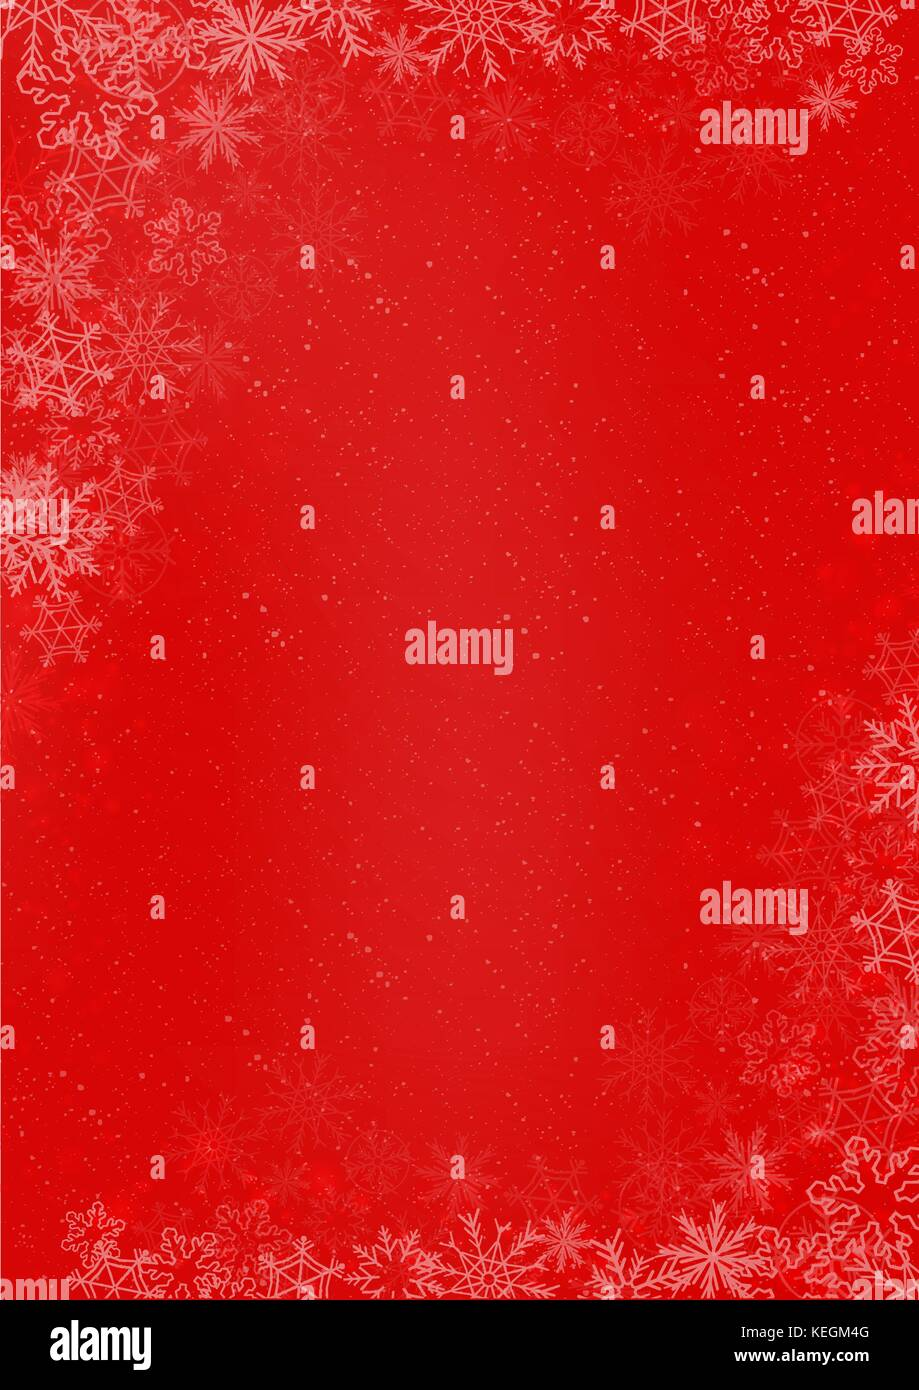 3 Internationale Größe - Winter Weihnachten rotes Papier Hintergrund ...